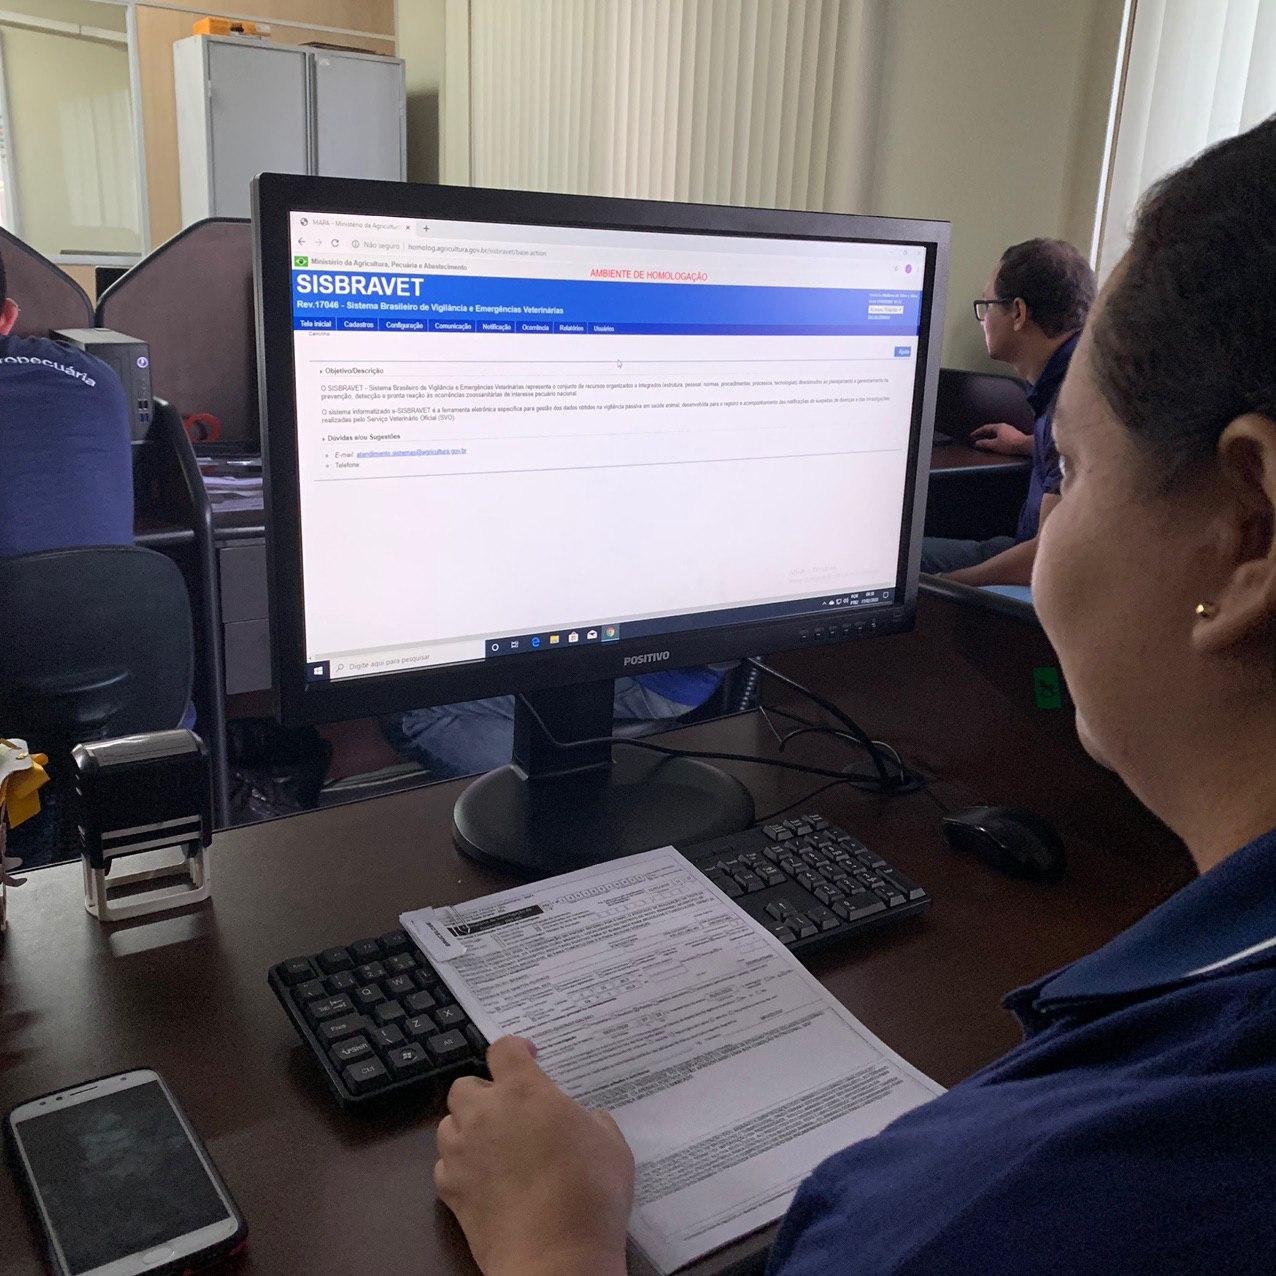 Adaf realiza capacitação da primeira turma no Sistema Brasileiro de Vigilância e Emergências Veterinárias / Foto: Divulgação/Adaf